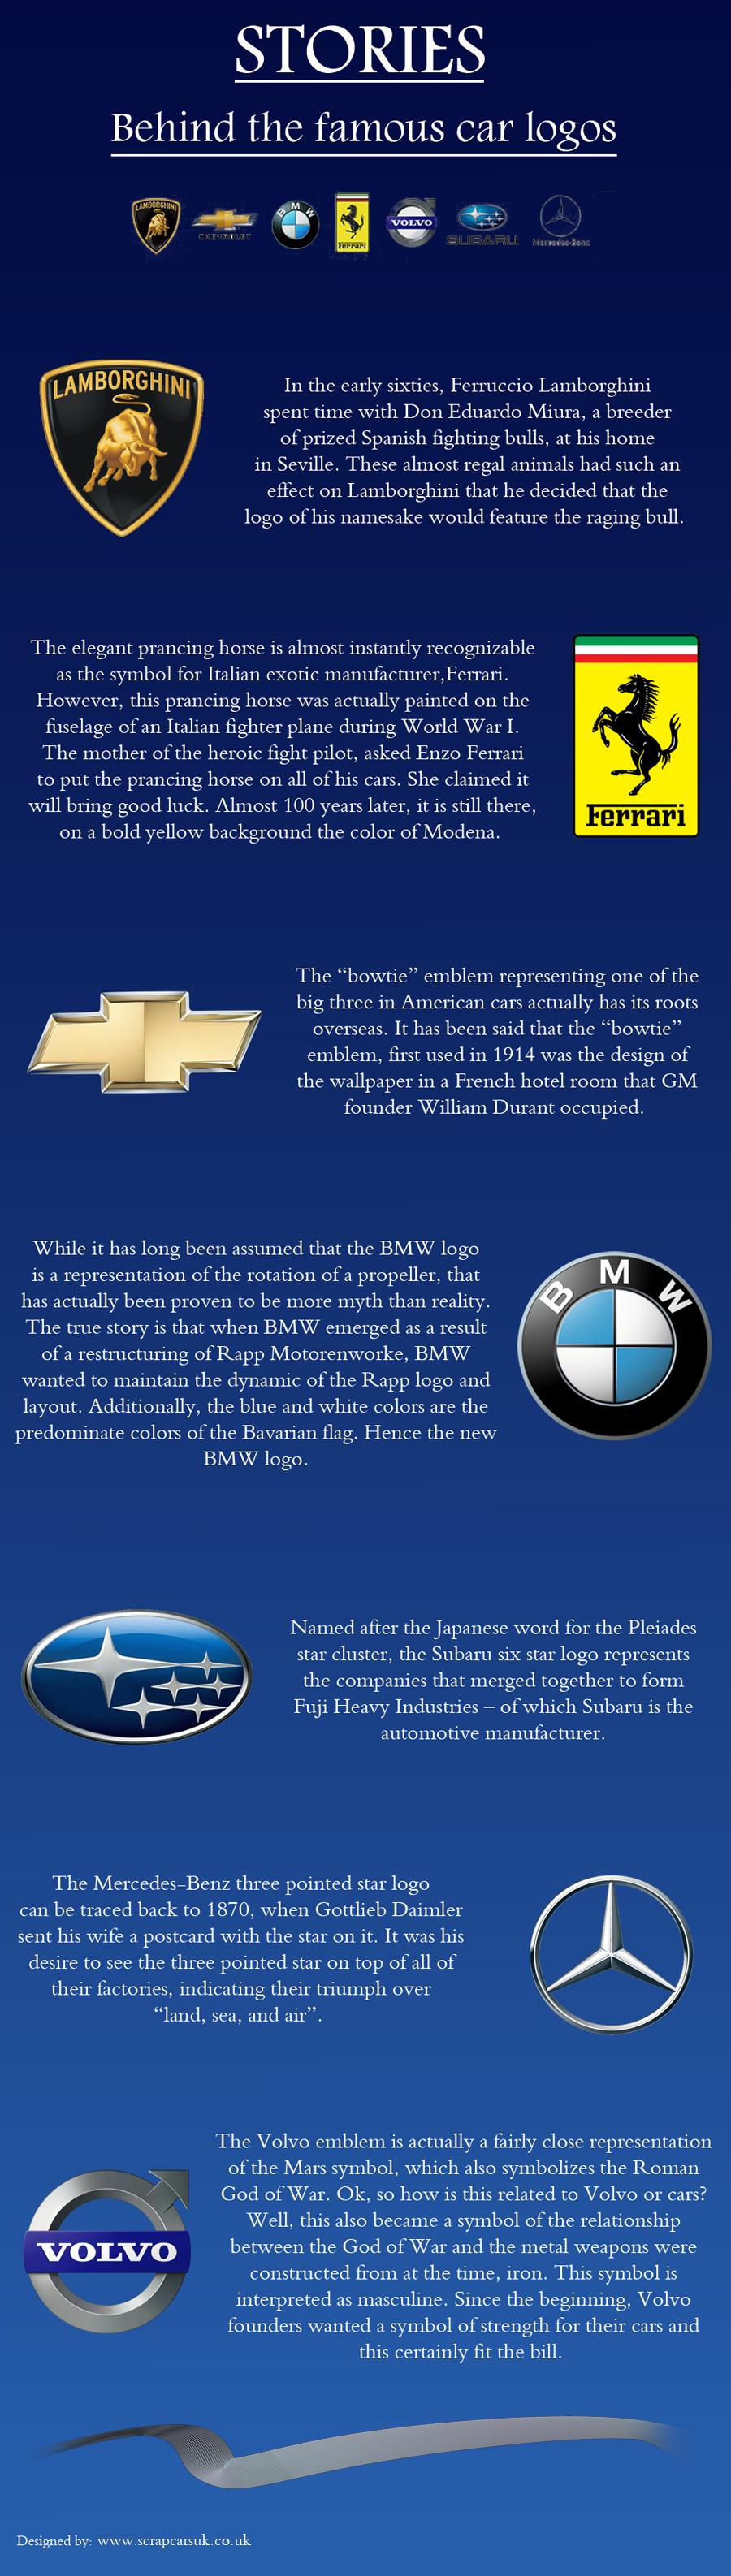 Famous-Car-Logos